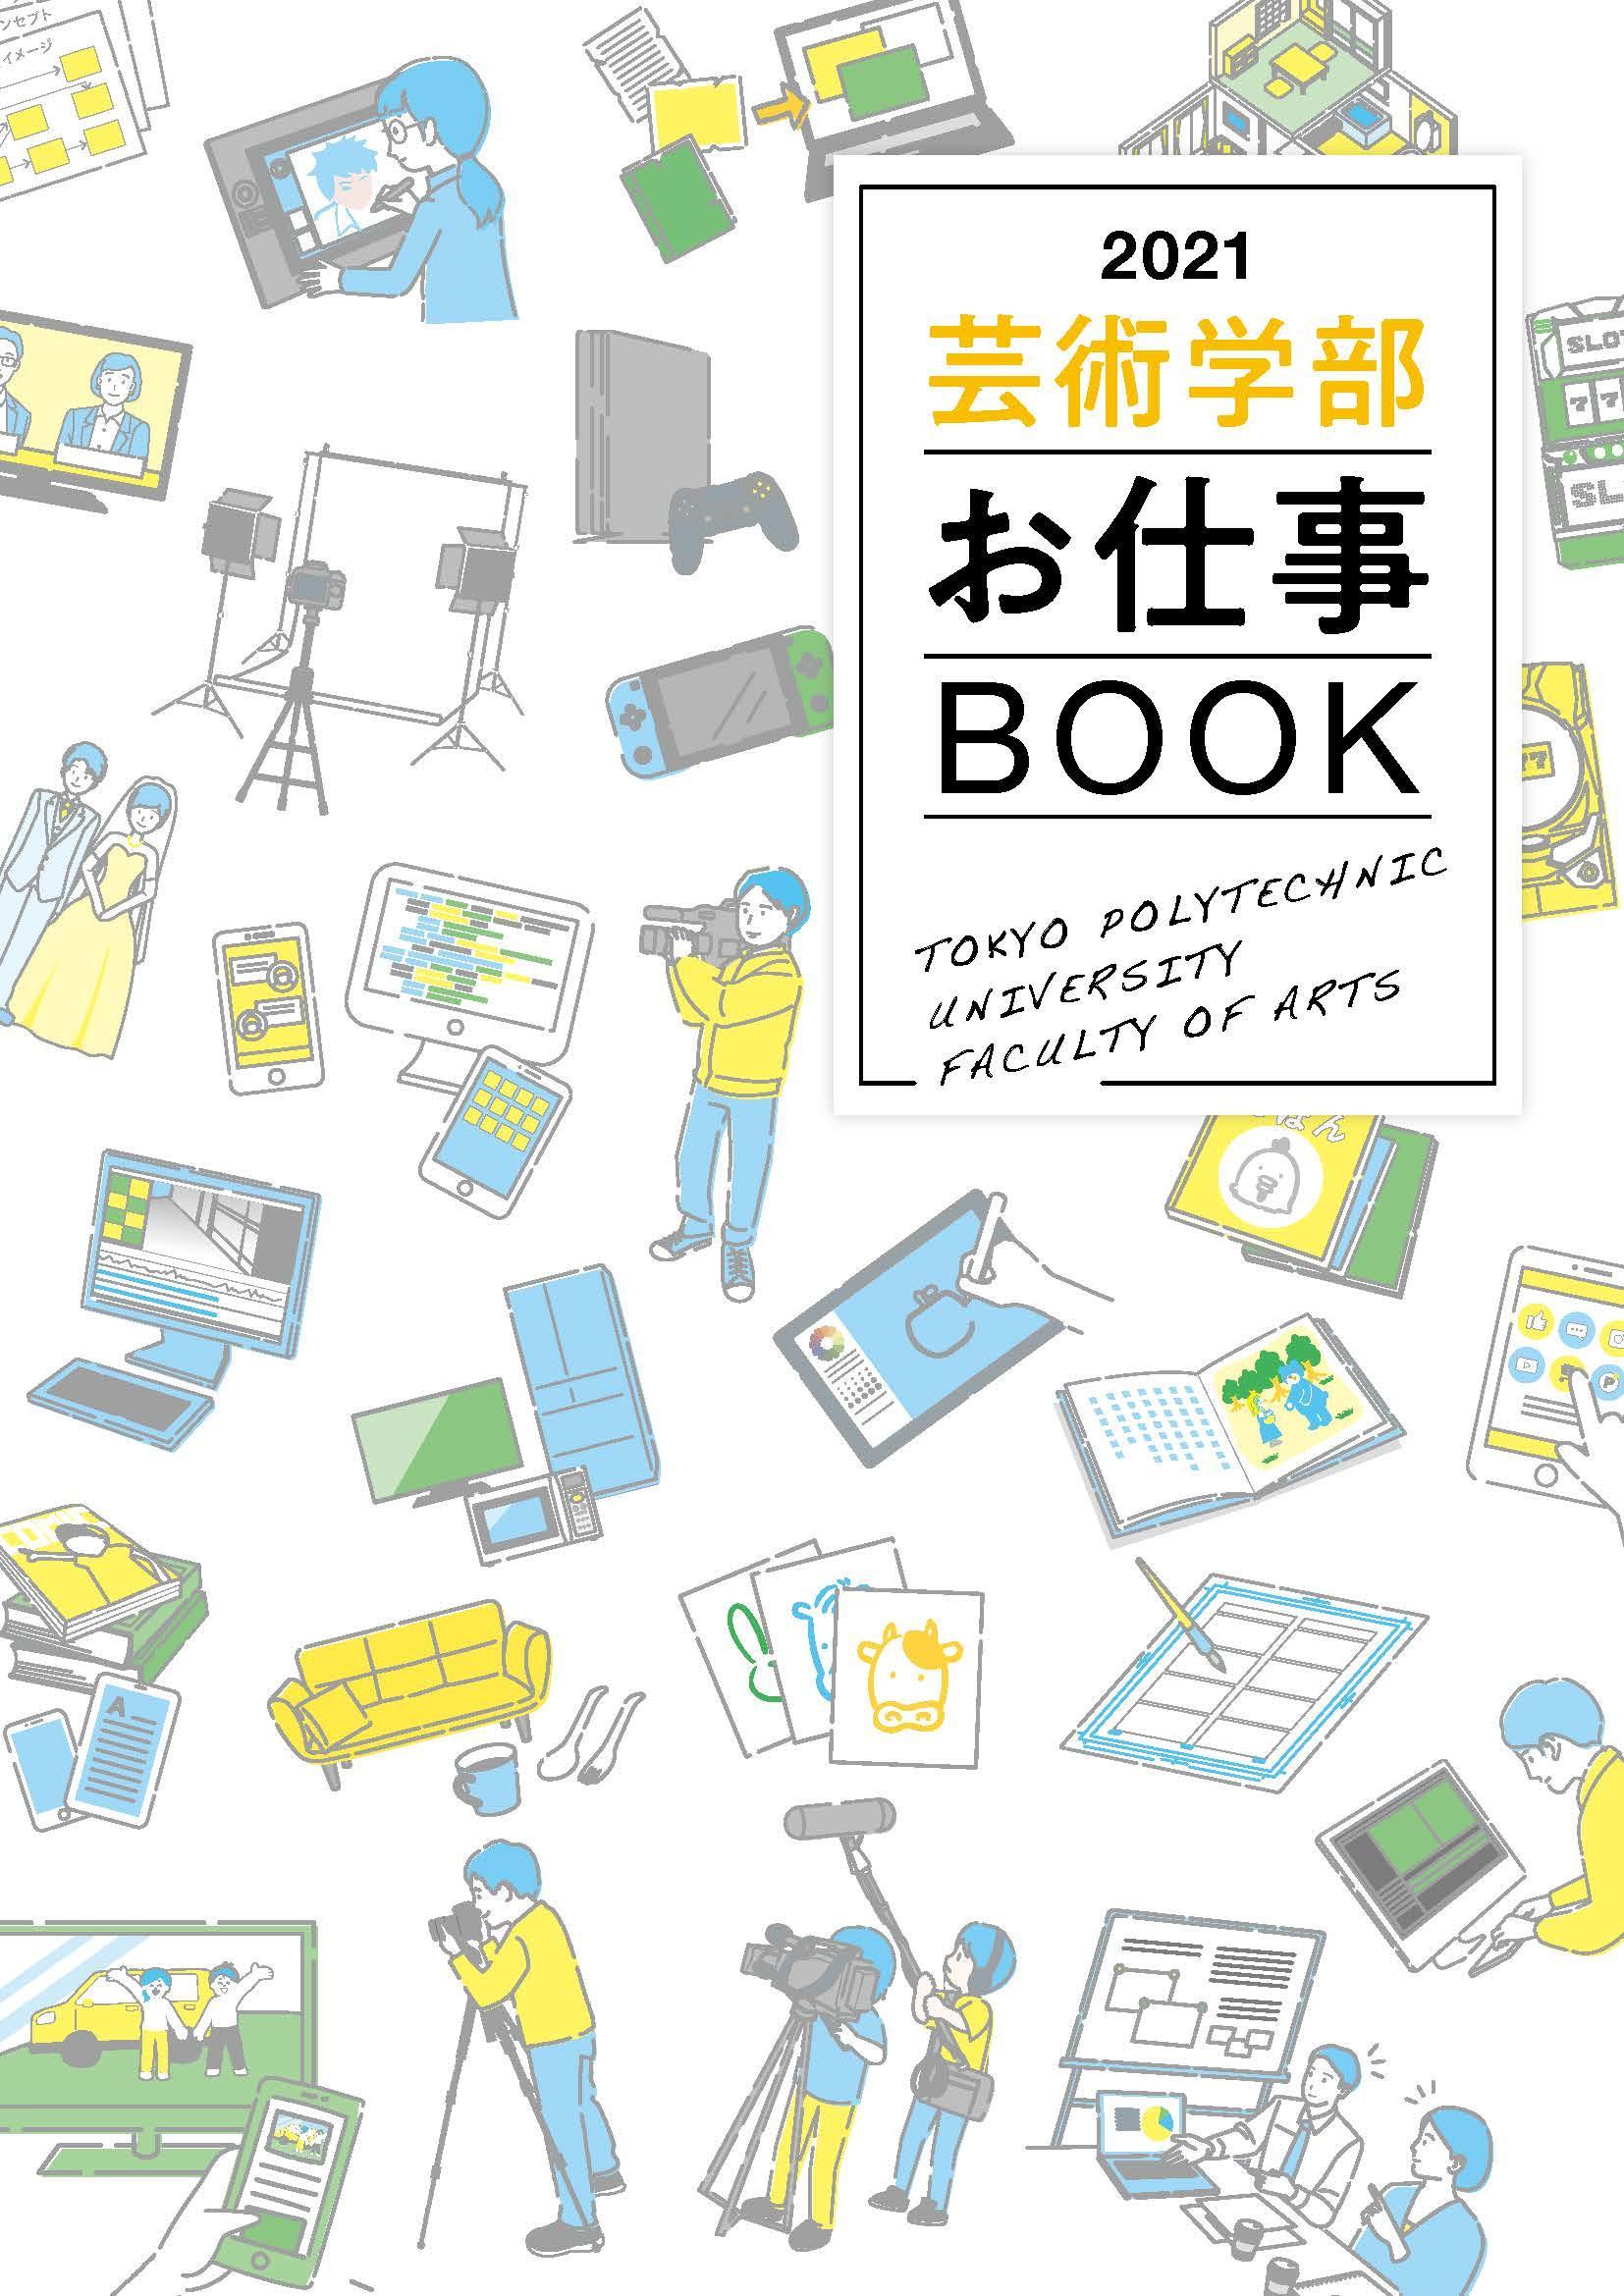 東京工芸大学芸術学部が『2021芸術学部お仕事BOOK』を制作 -- 芸術学部で学ぶ上での道しるべに --